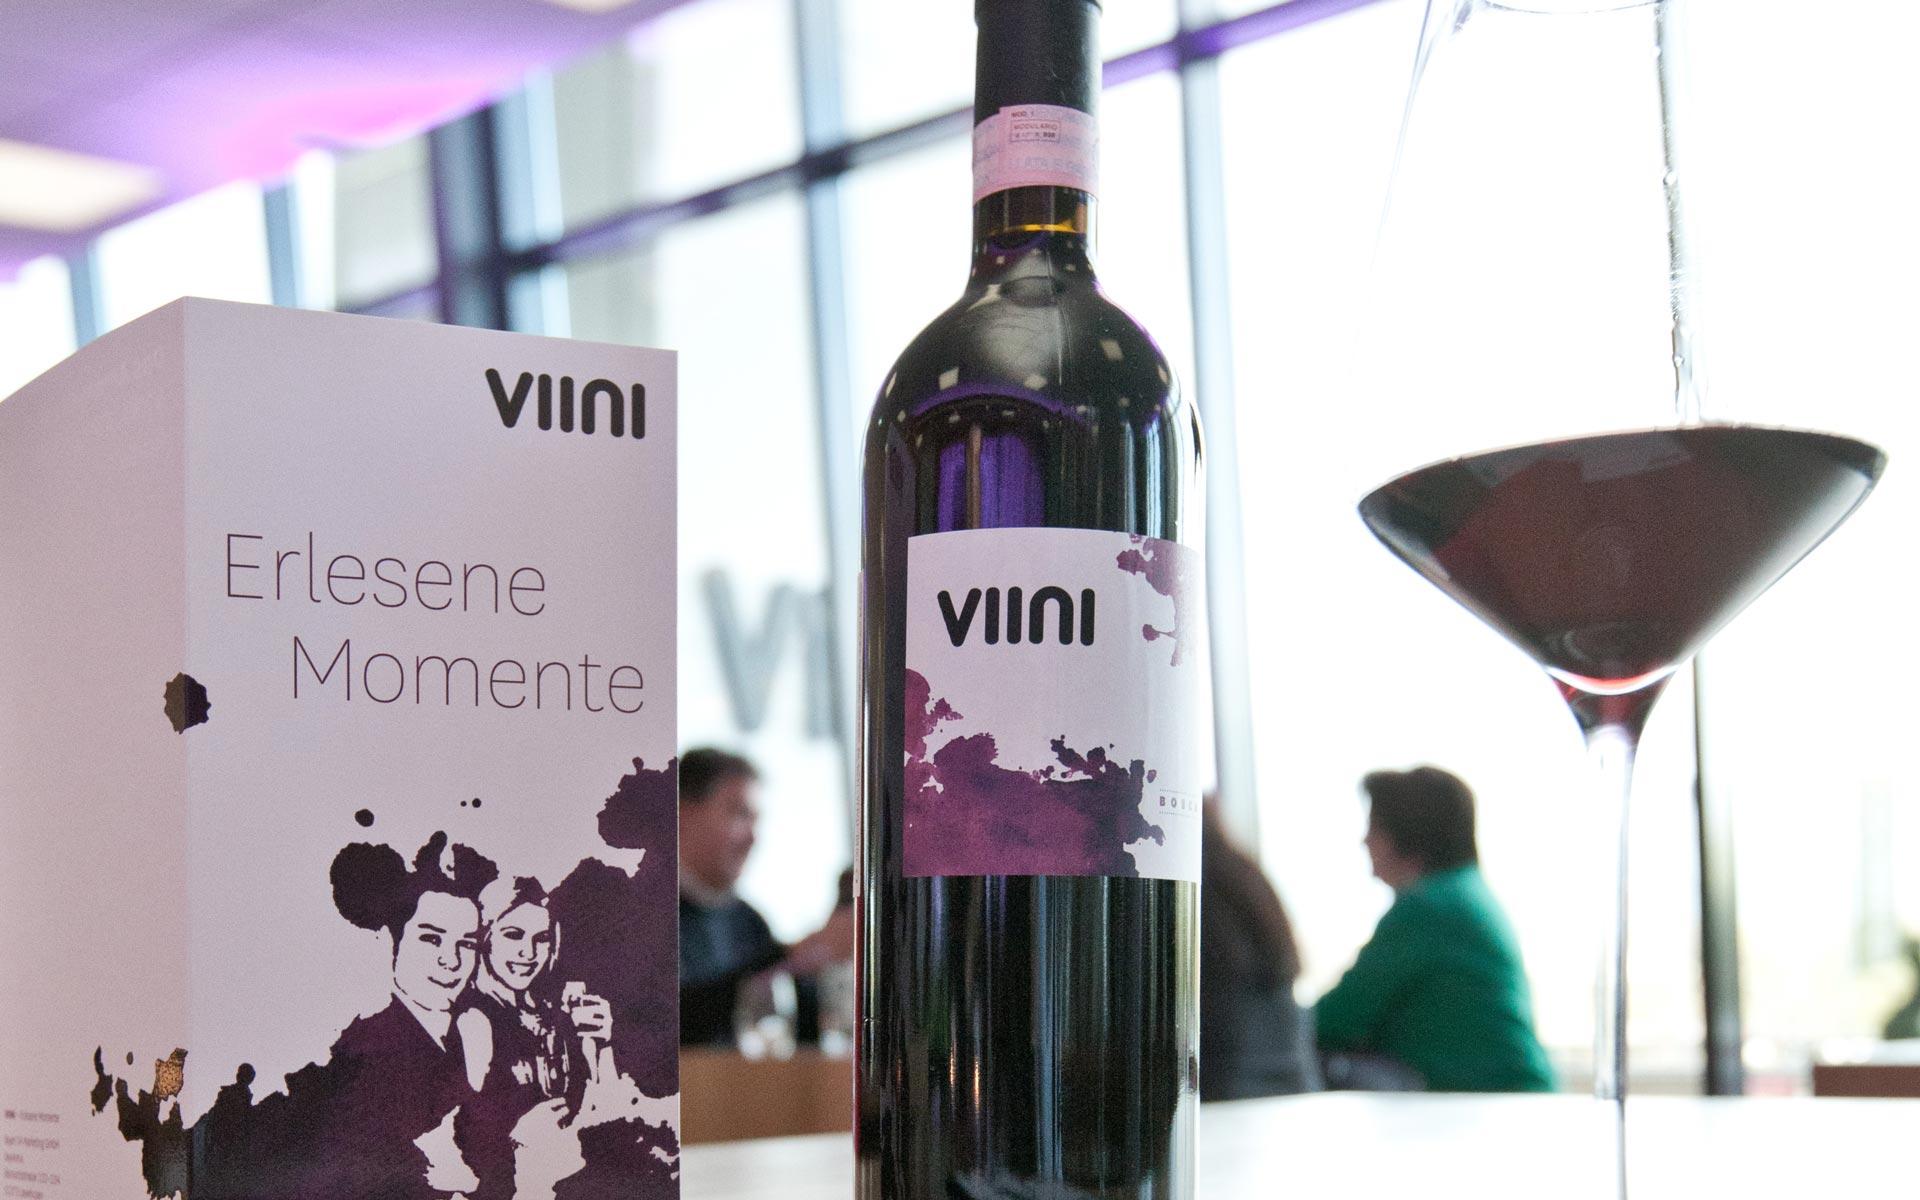 VIINI Brand Identity, Corporate Design, Weinkarte und Weinflasche